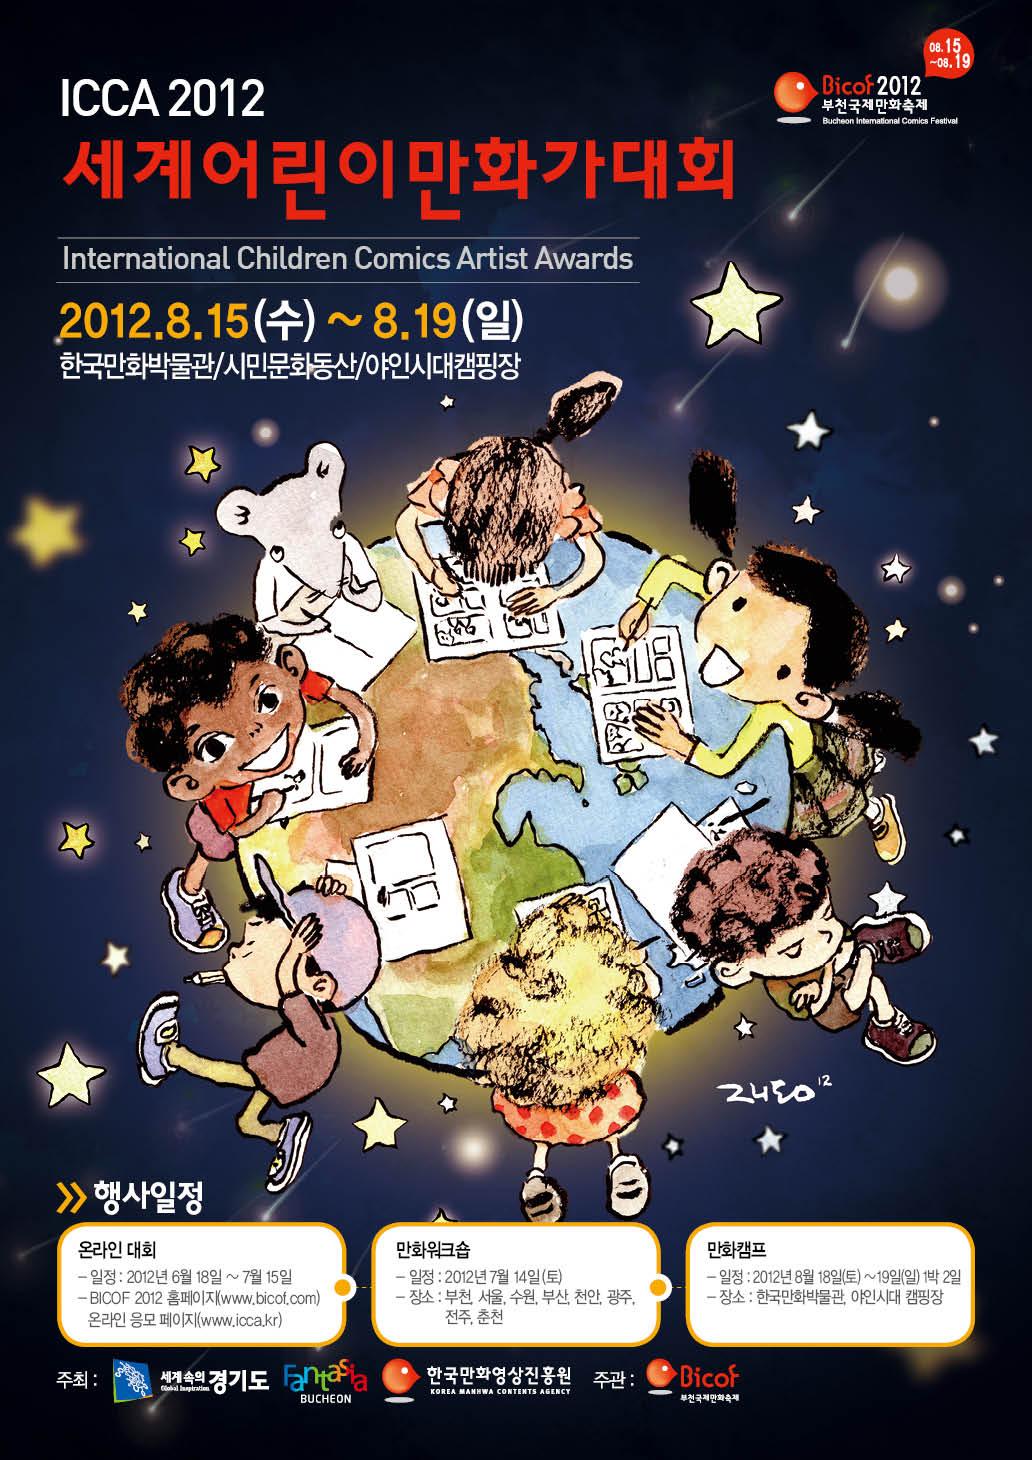 International Children Comic Artist Awards (ICCA) | Call for Entry